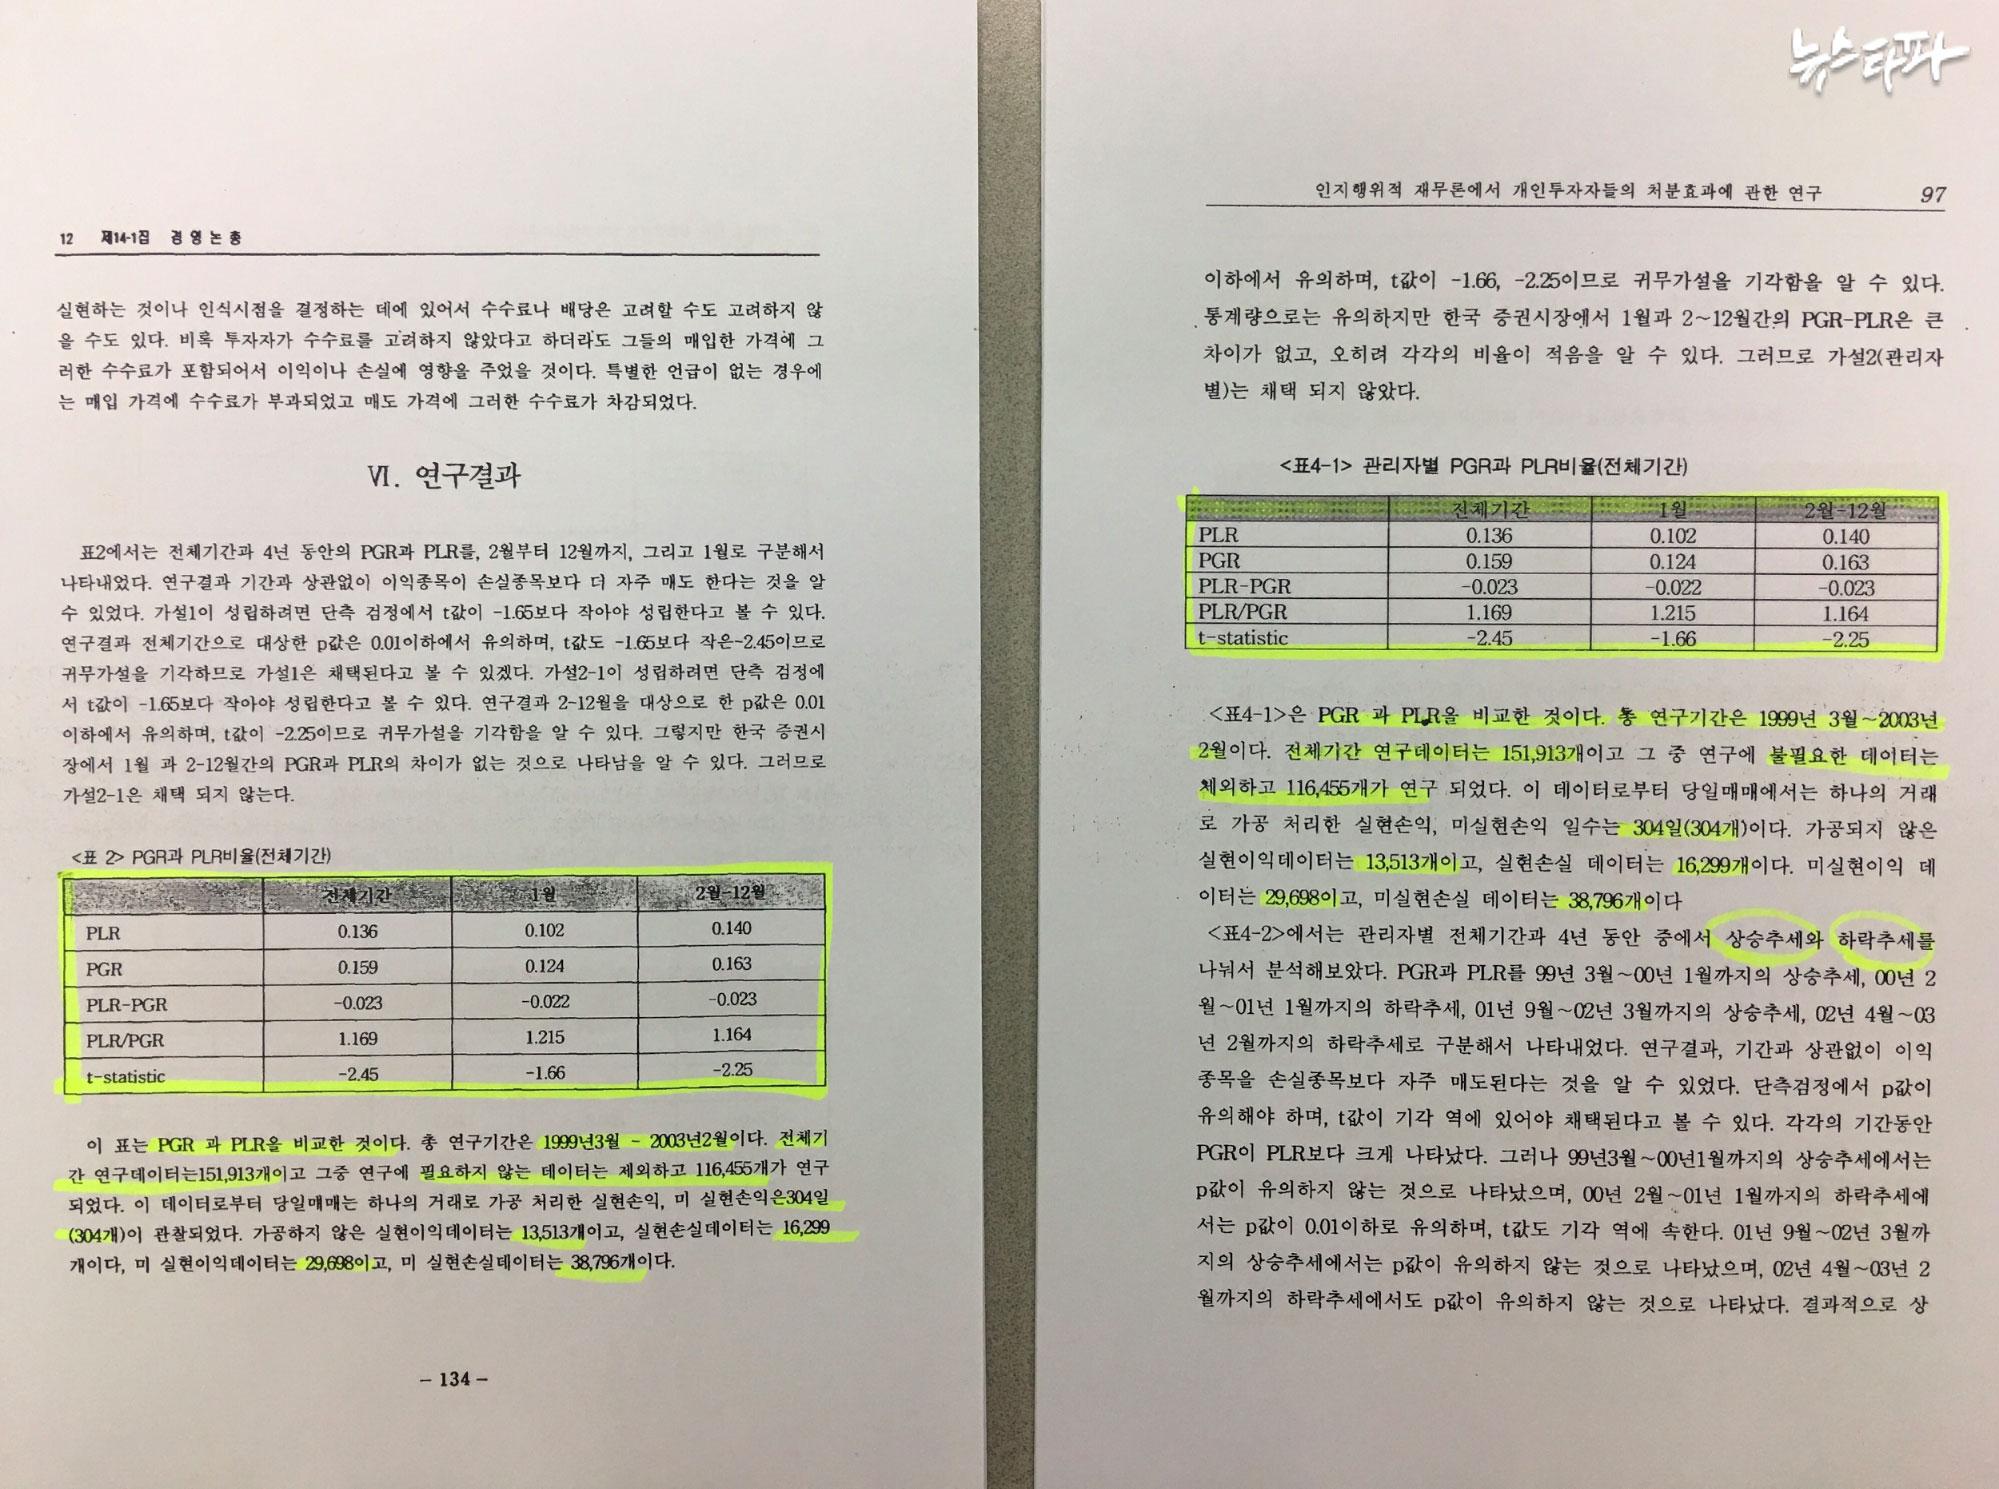 ▲ 최운열 교수는 2004년 논문(오른쪽)의 3장 <분석자료 및 연구방법>과 4장 <연구결과>, 5장 <결론>의 상당 부분을 2003년 논문에서 그대로 옮겨왔다.